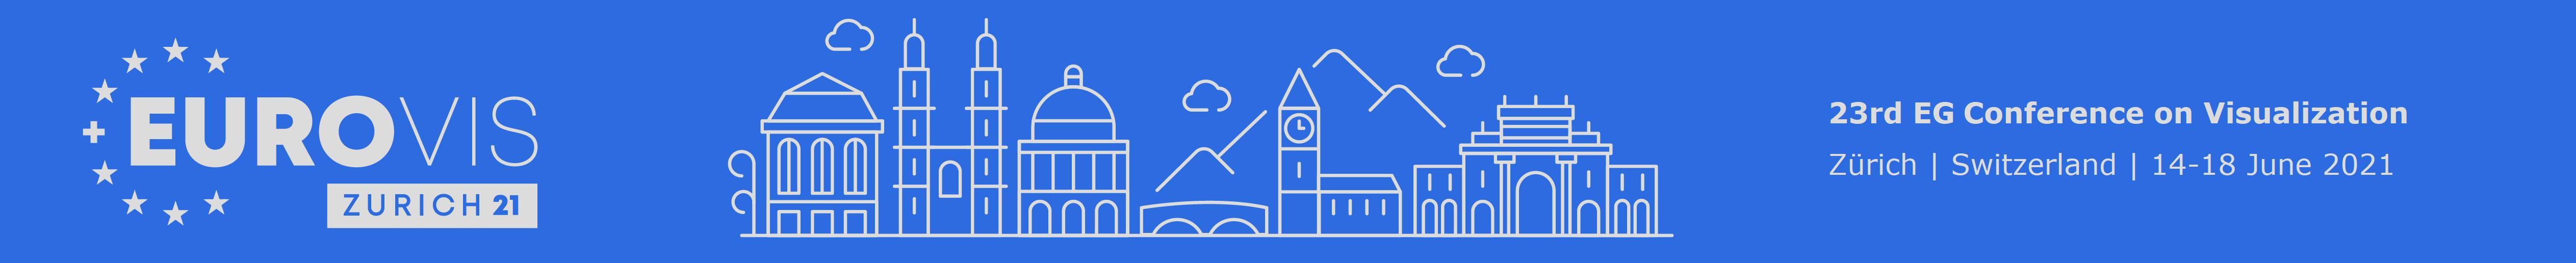 EuroVis 2021 Logo